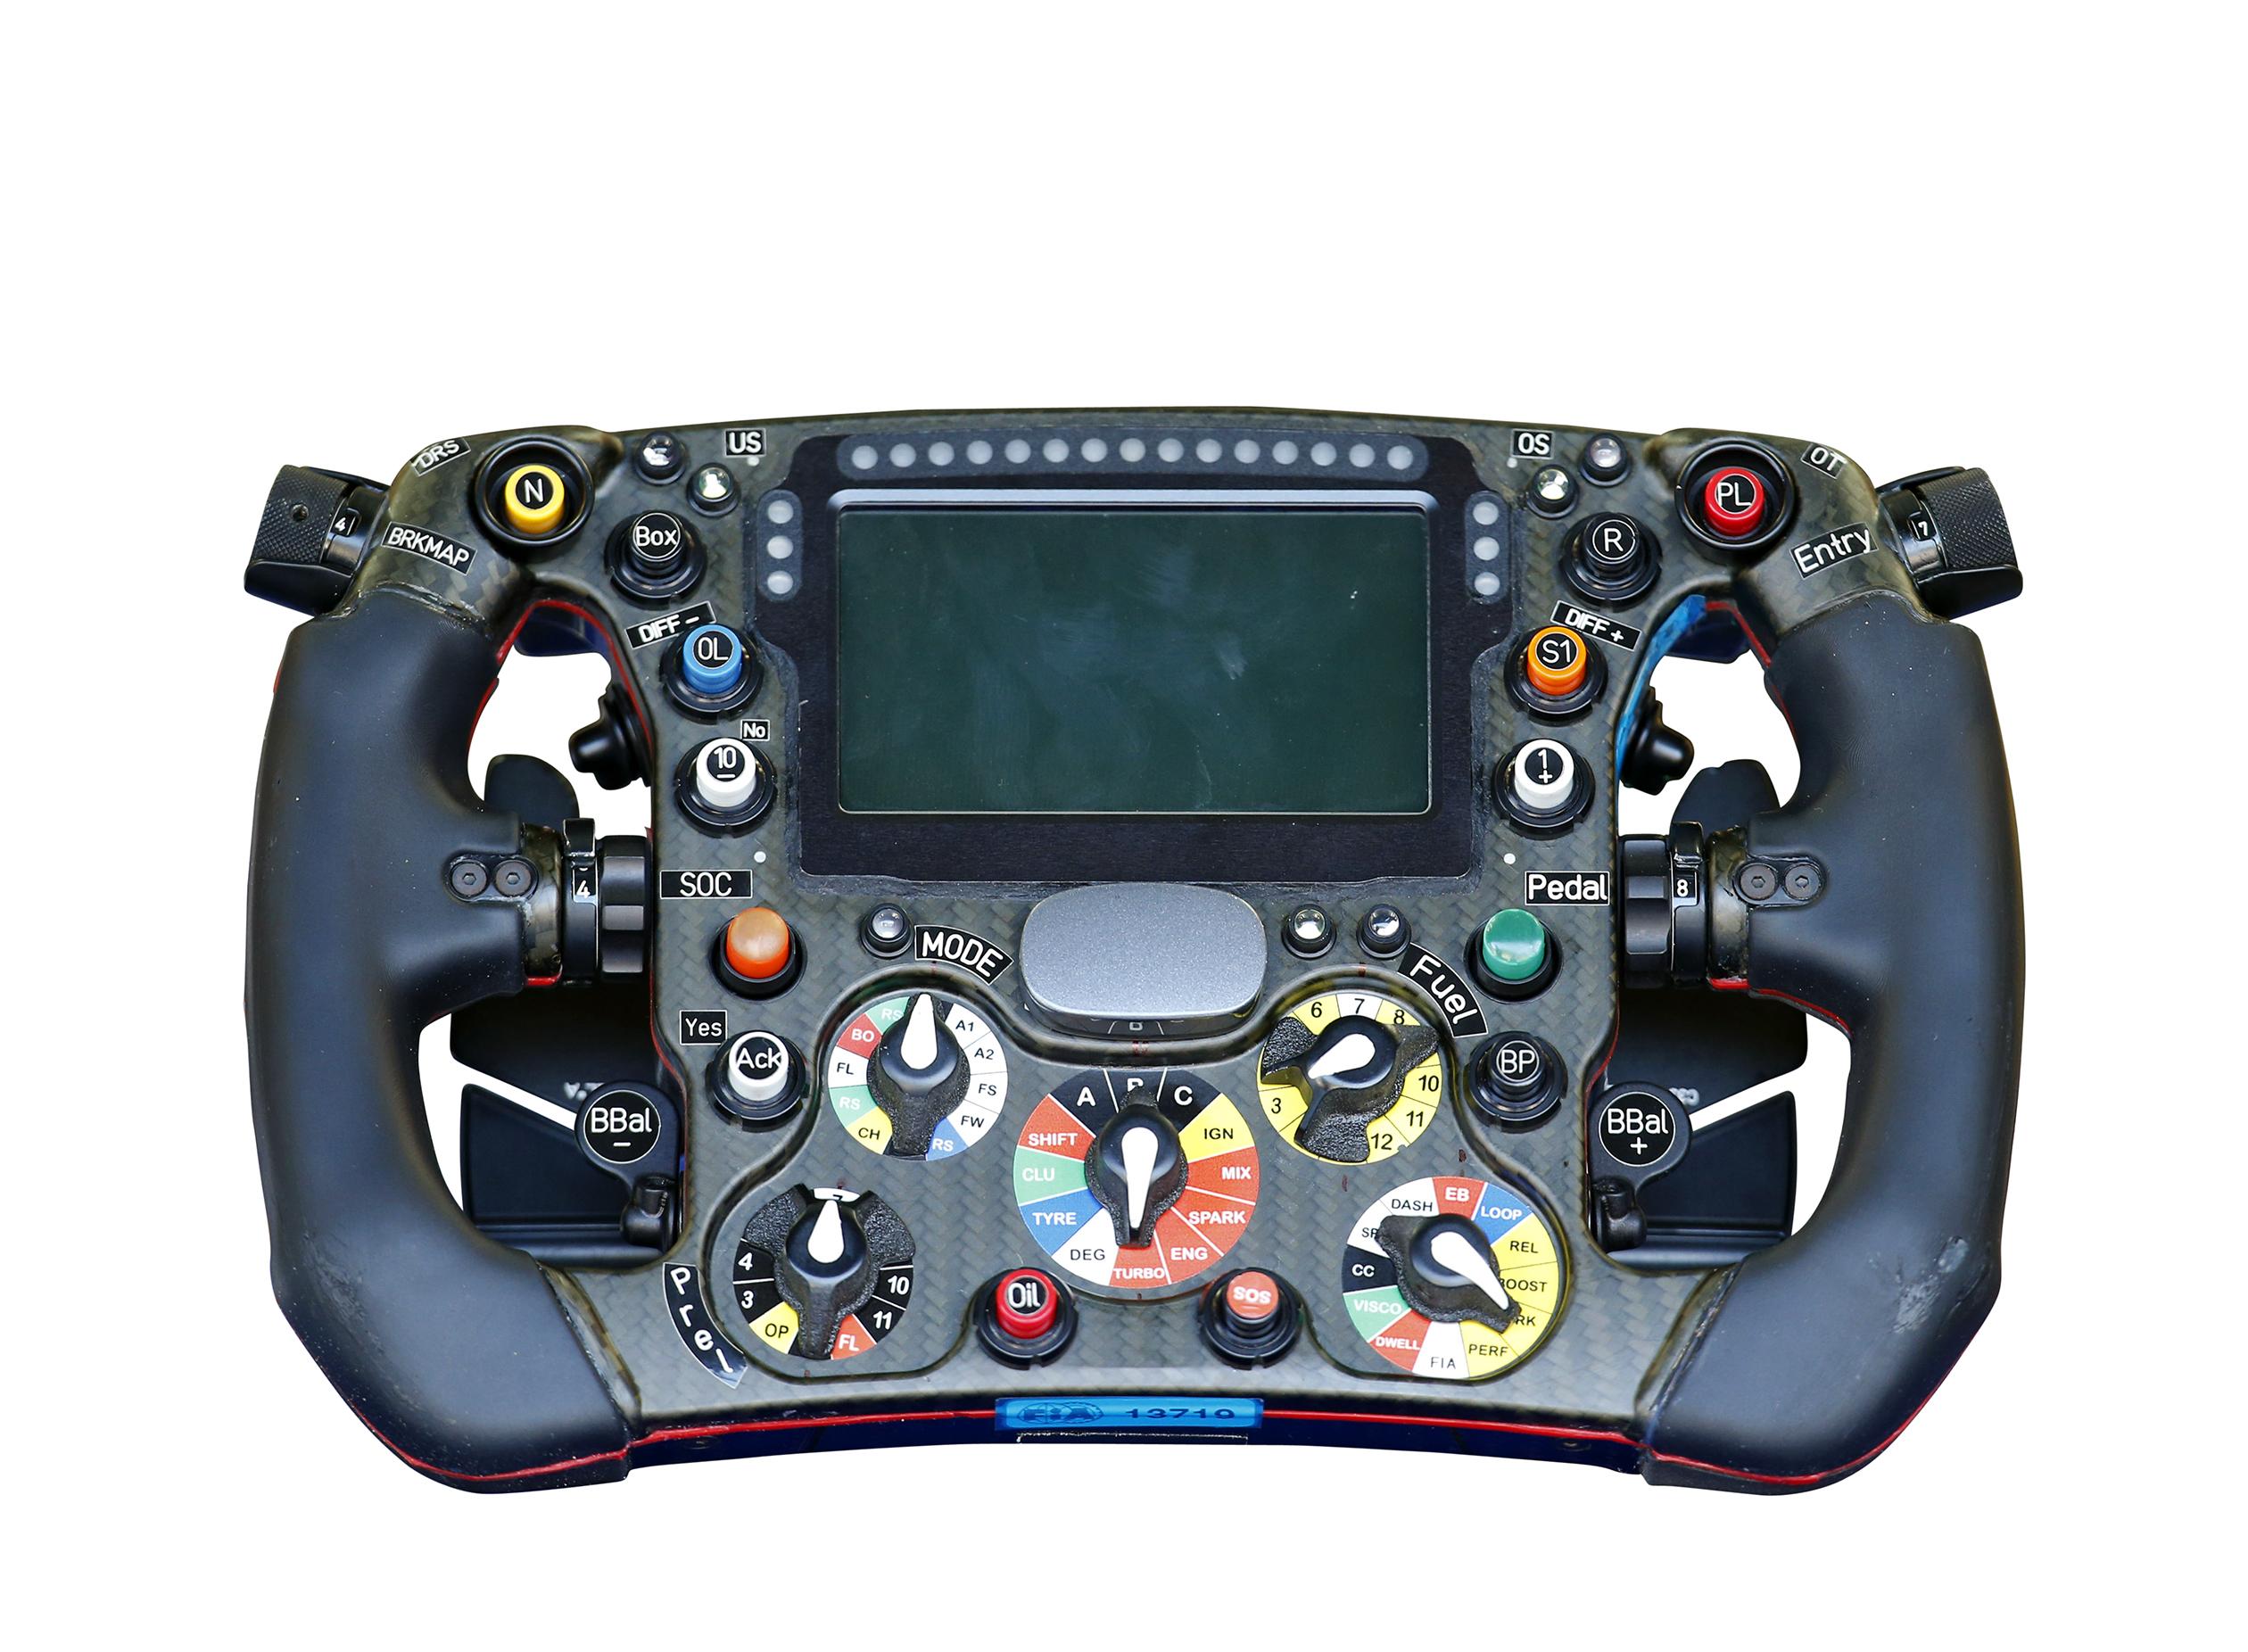 Belgium F1, Circuit of the Americas, Formula 1